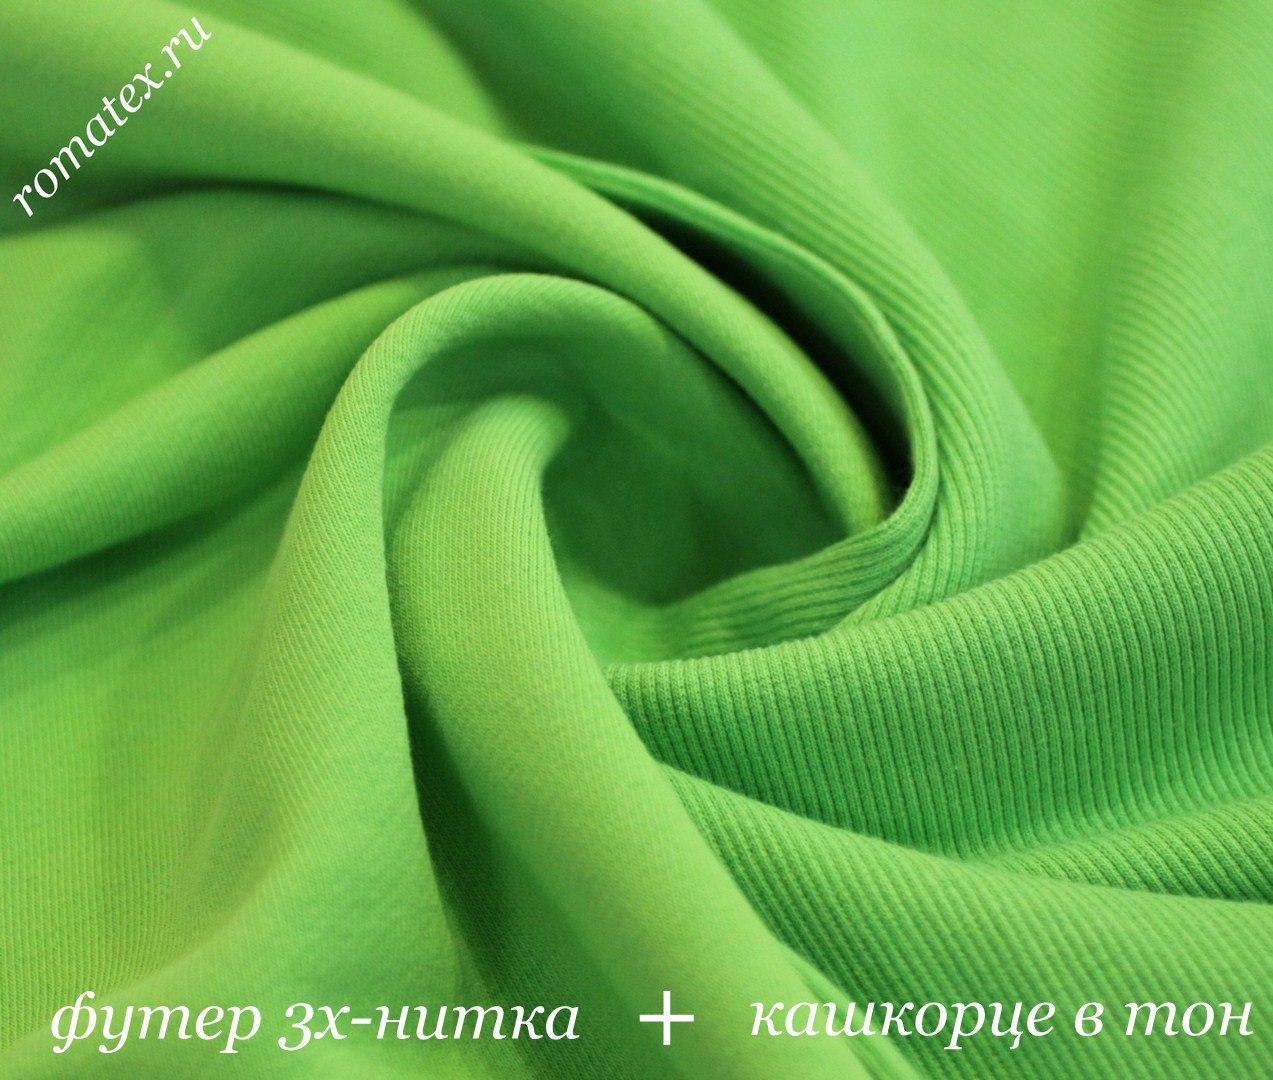 Ткань футер 3-х нитка петля цвет салатовый